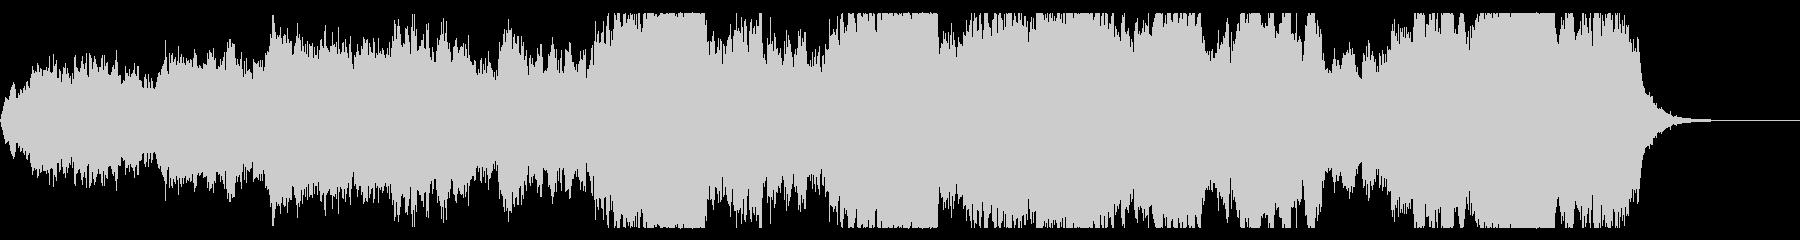 切ないファンタジーなエンディングBGMの未再生の波形